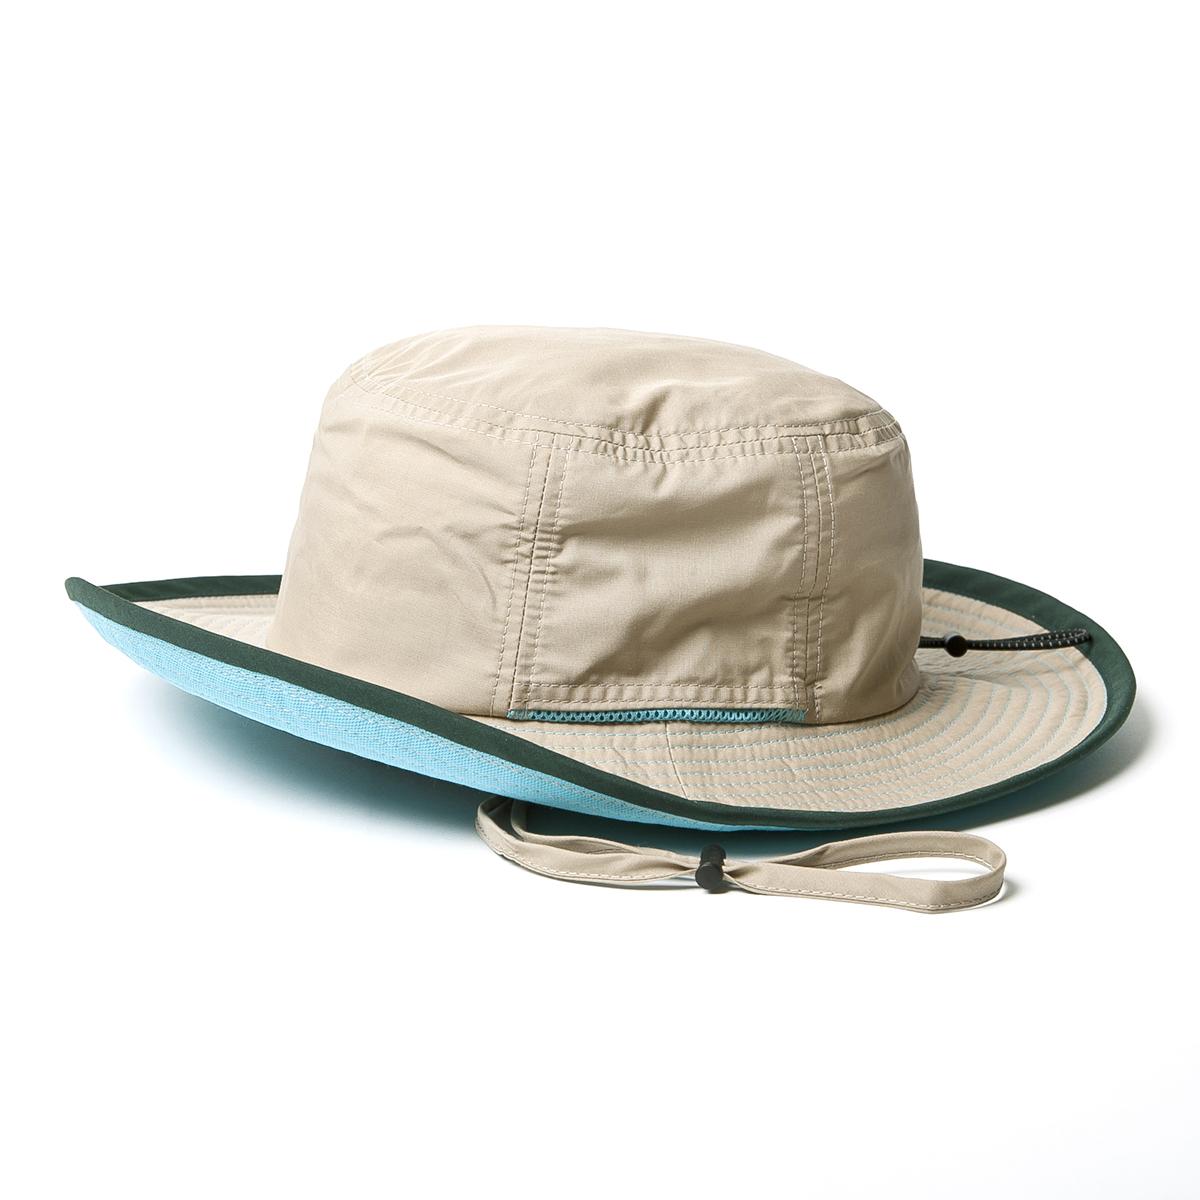 优良吸收汗水干燥、 拒水和抗污帽子功能、 遮阳篷冲浪 hut-walking-target-Safari-helmet-ultraviolet 射线和紫外线剪切、 中性、 女士们、 夏天节日,产品 riverup () 特氟隆 /RIVER 起过超酷帽子 [BASIQUENTI]